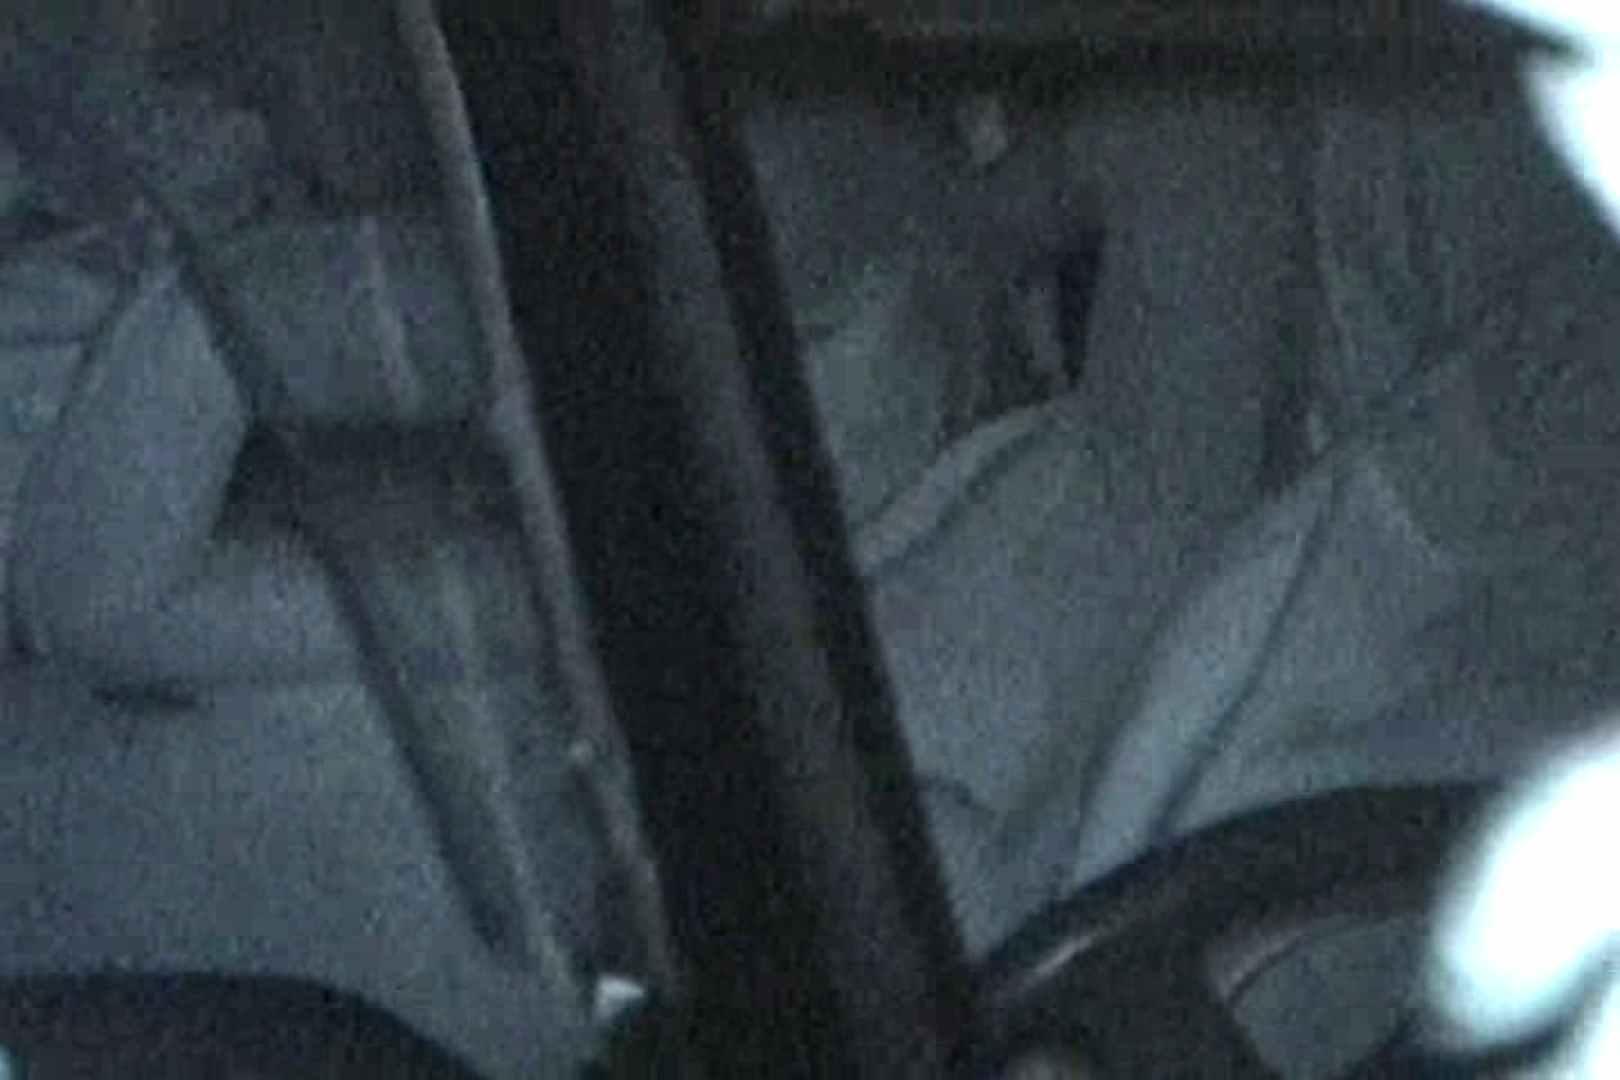 充血監督の深夜の運動会Vol.9 エッチなセックス ぱこり動画紹介 63画像 23